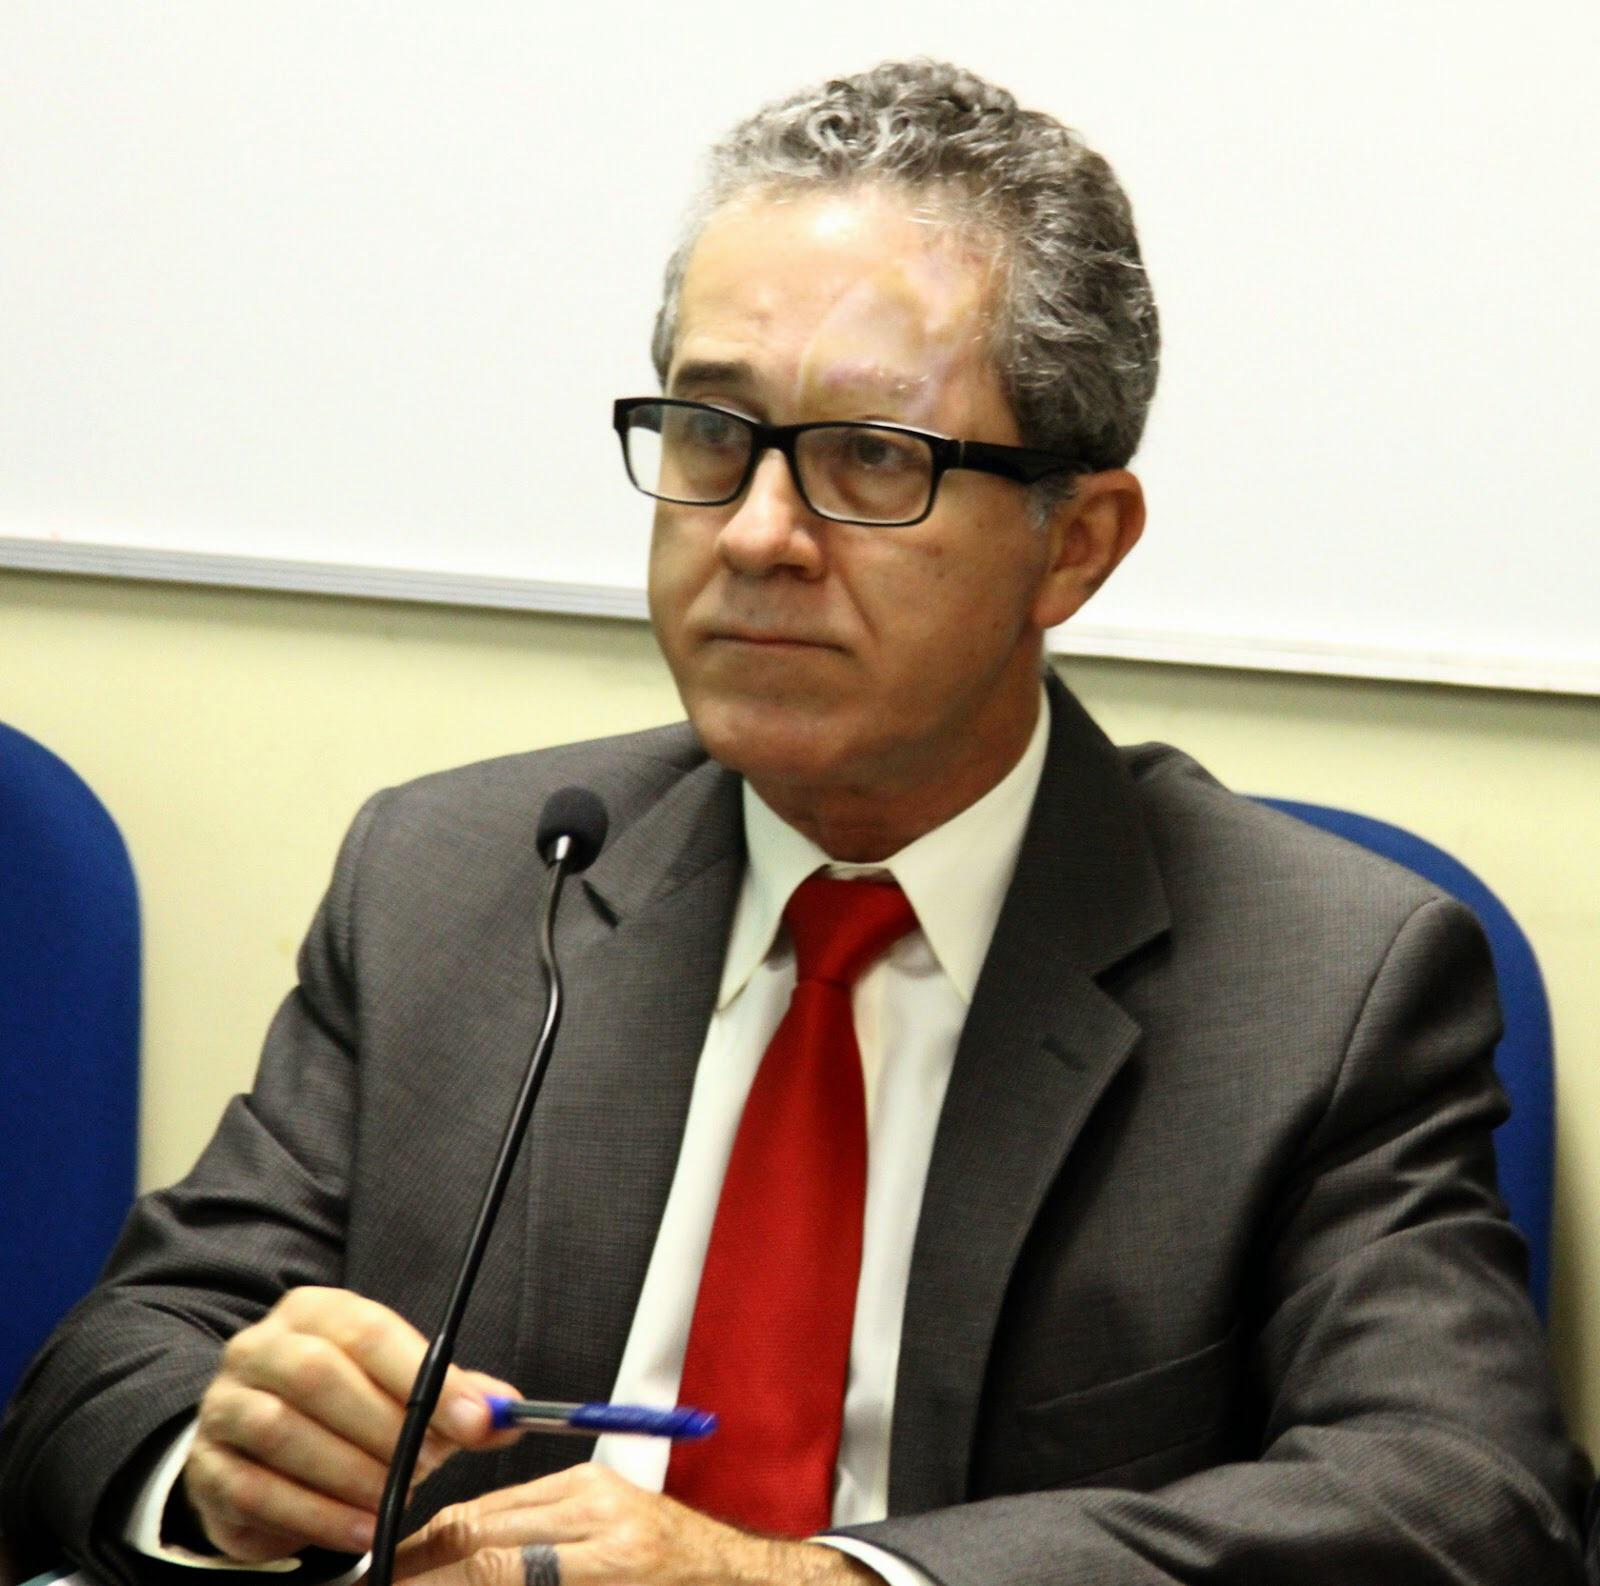 Antonio César Carneiro de Souza